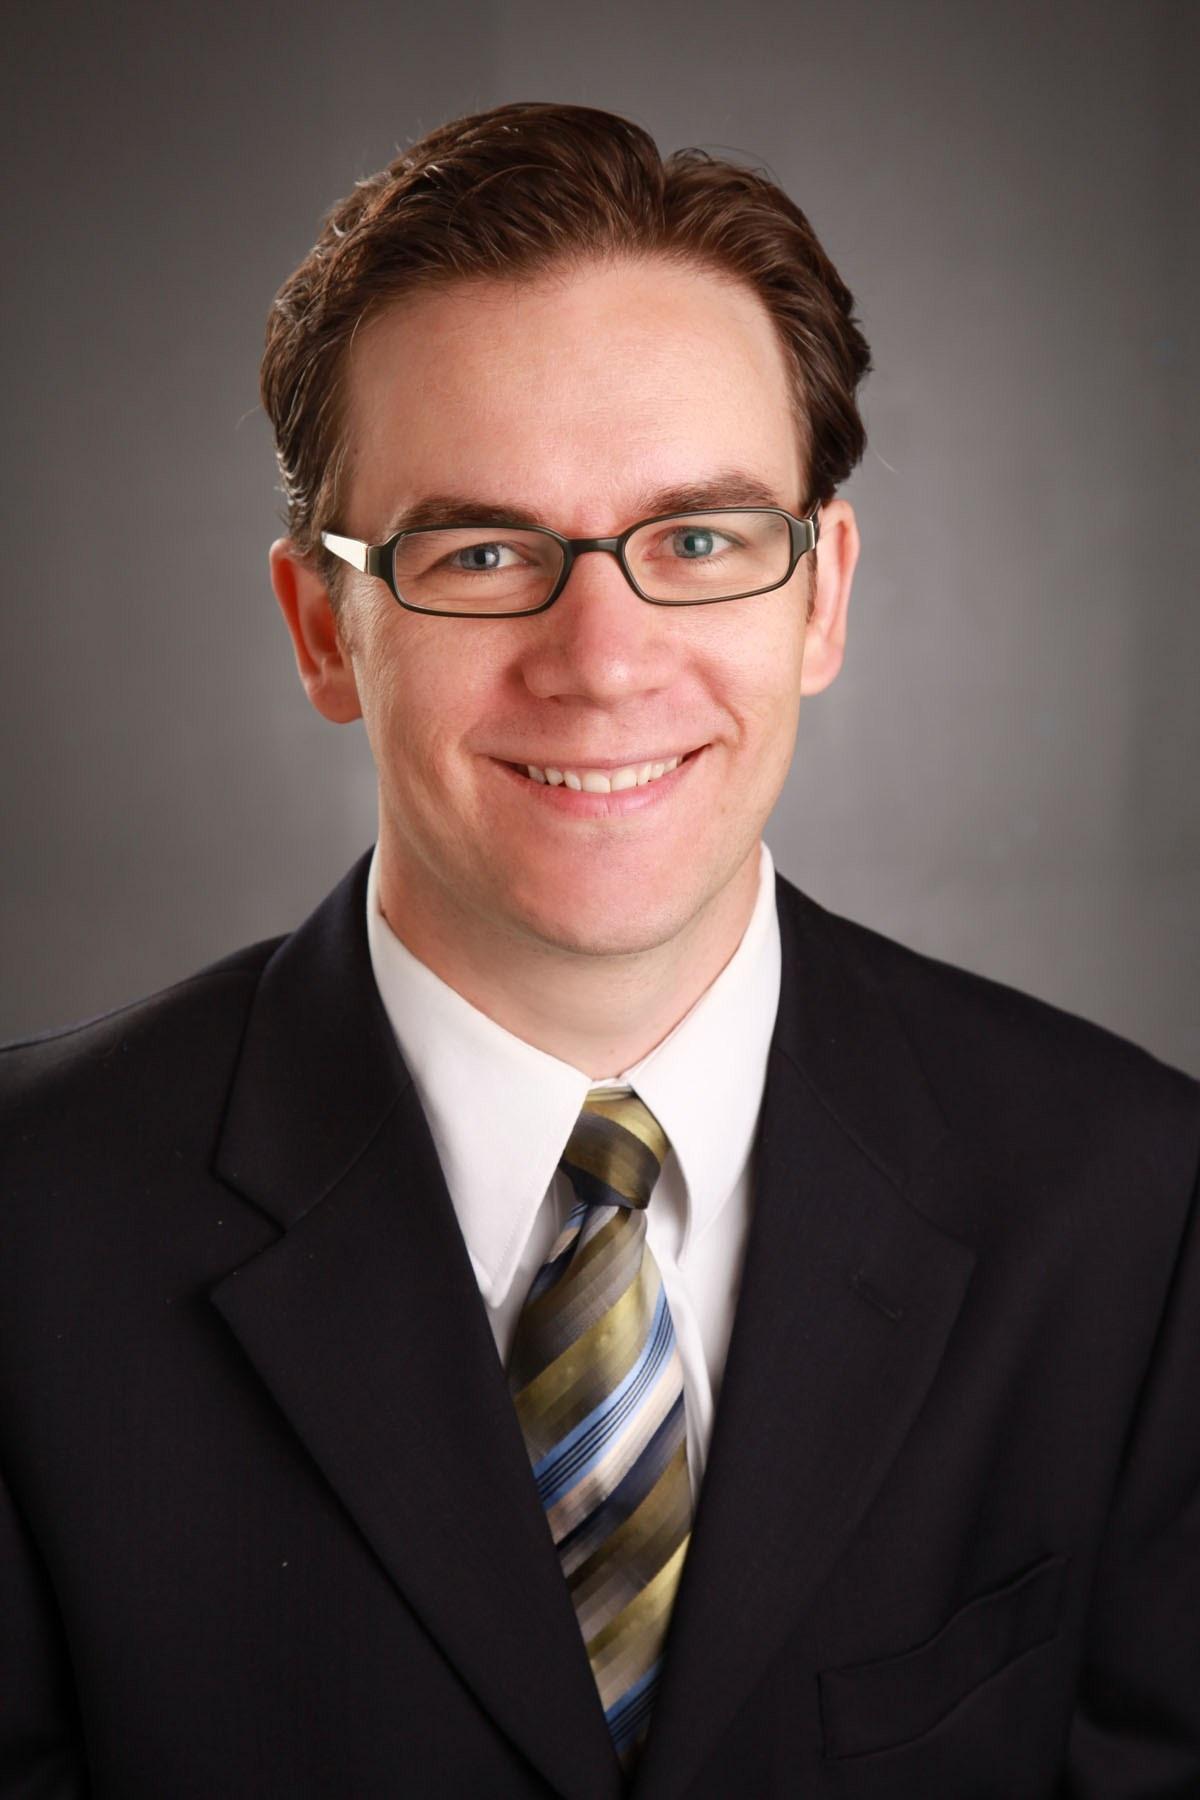 G. Ryan Berger